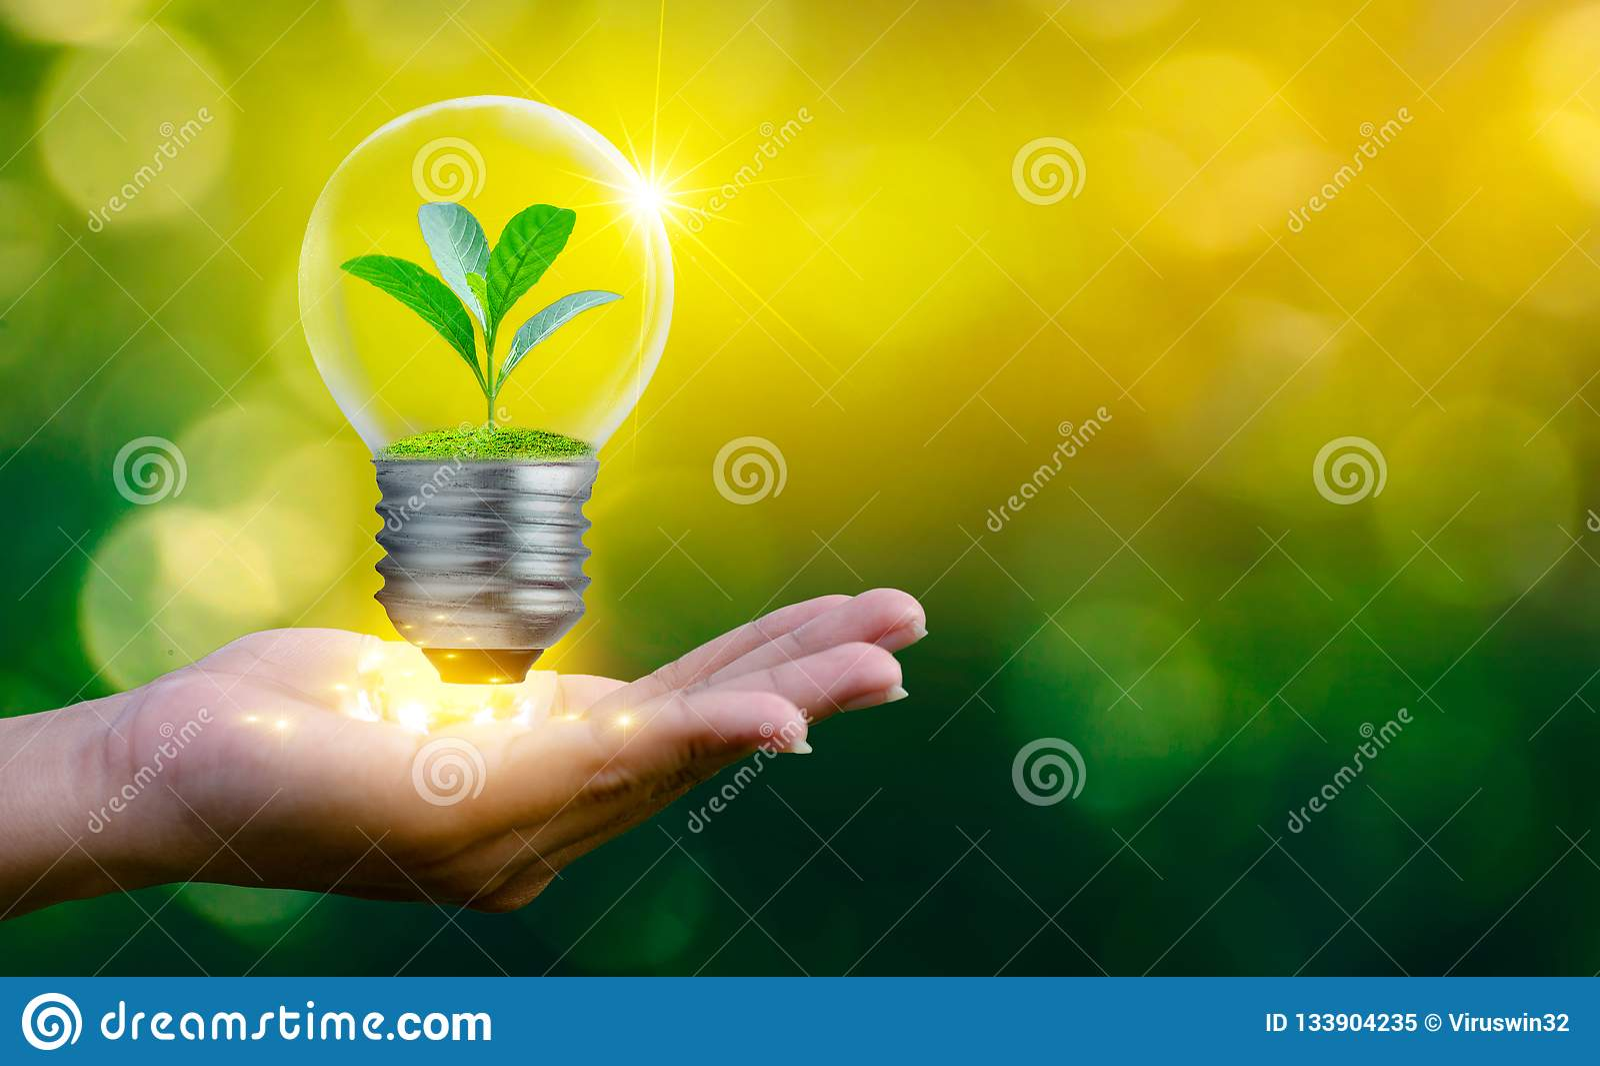 Skogen och träden är i ljuset Begrepp av miljövård och global uppvärmning planterar växande inre lampbul